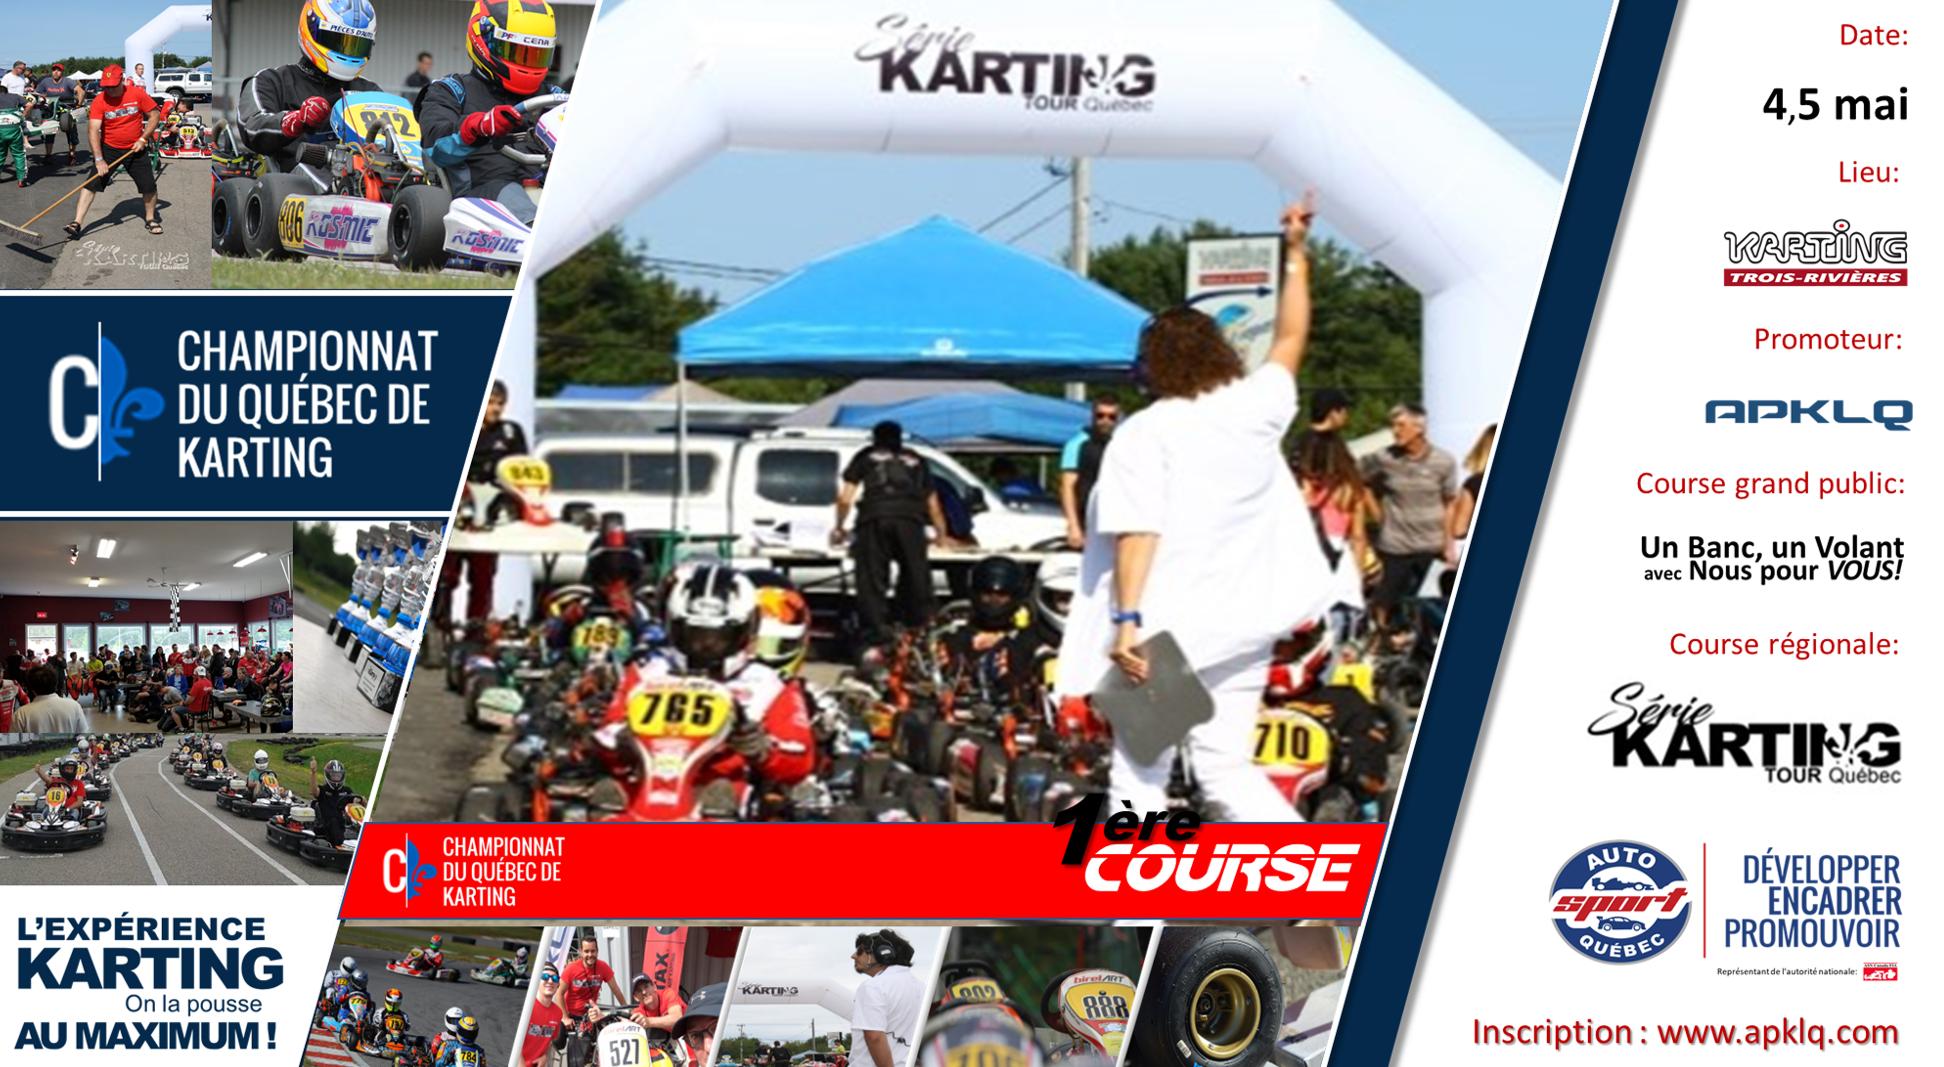 Première course de karting de la saison 2019